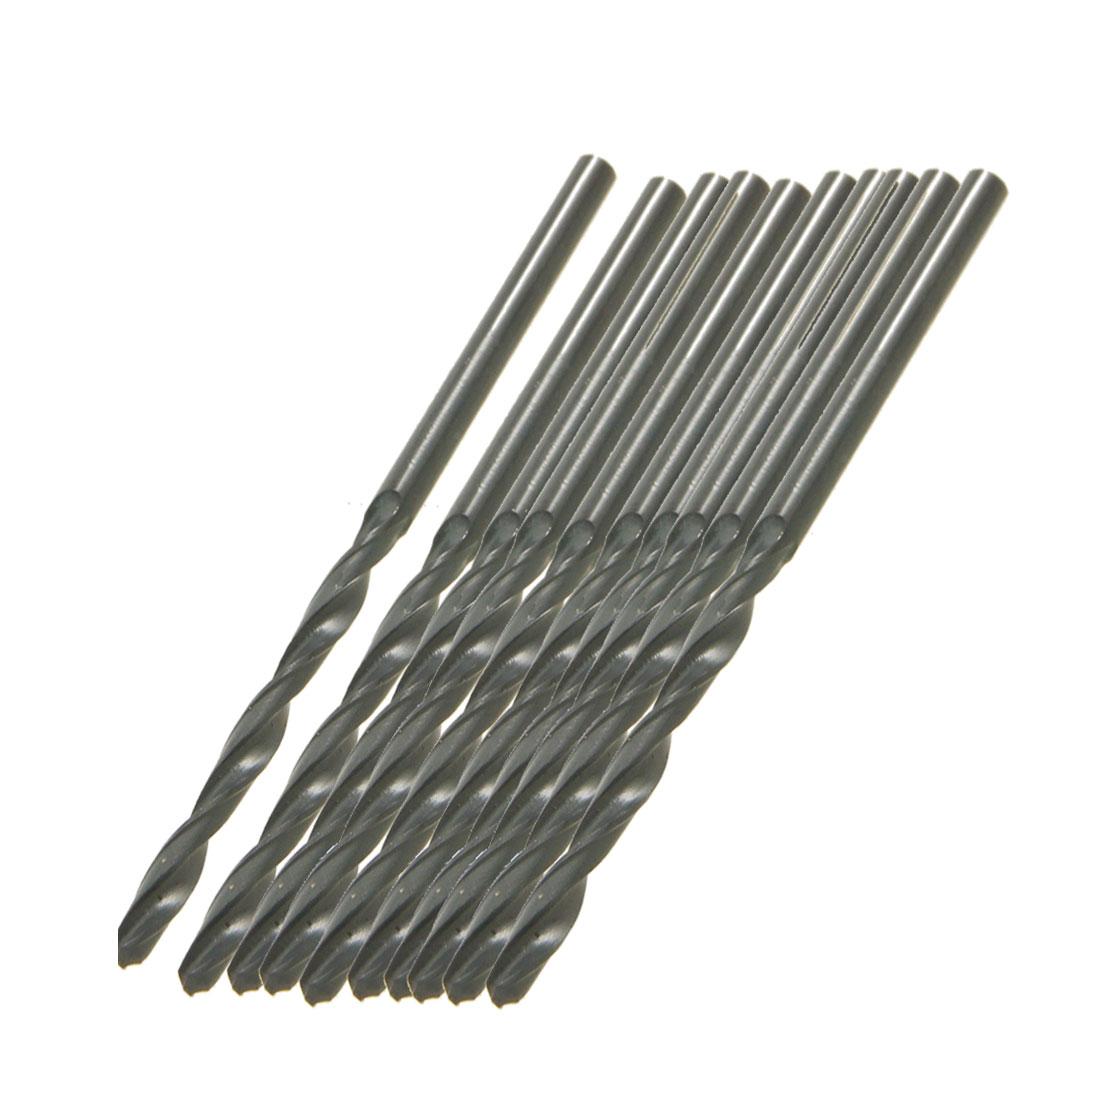 10 Pcs 2.6mm Dia Split Point Tip High Speed Steel HSS Twist Drill Bits Black